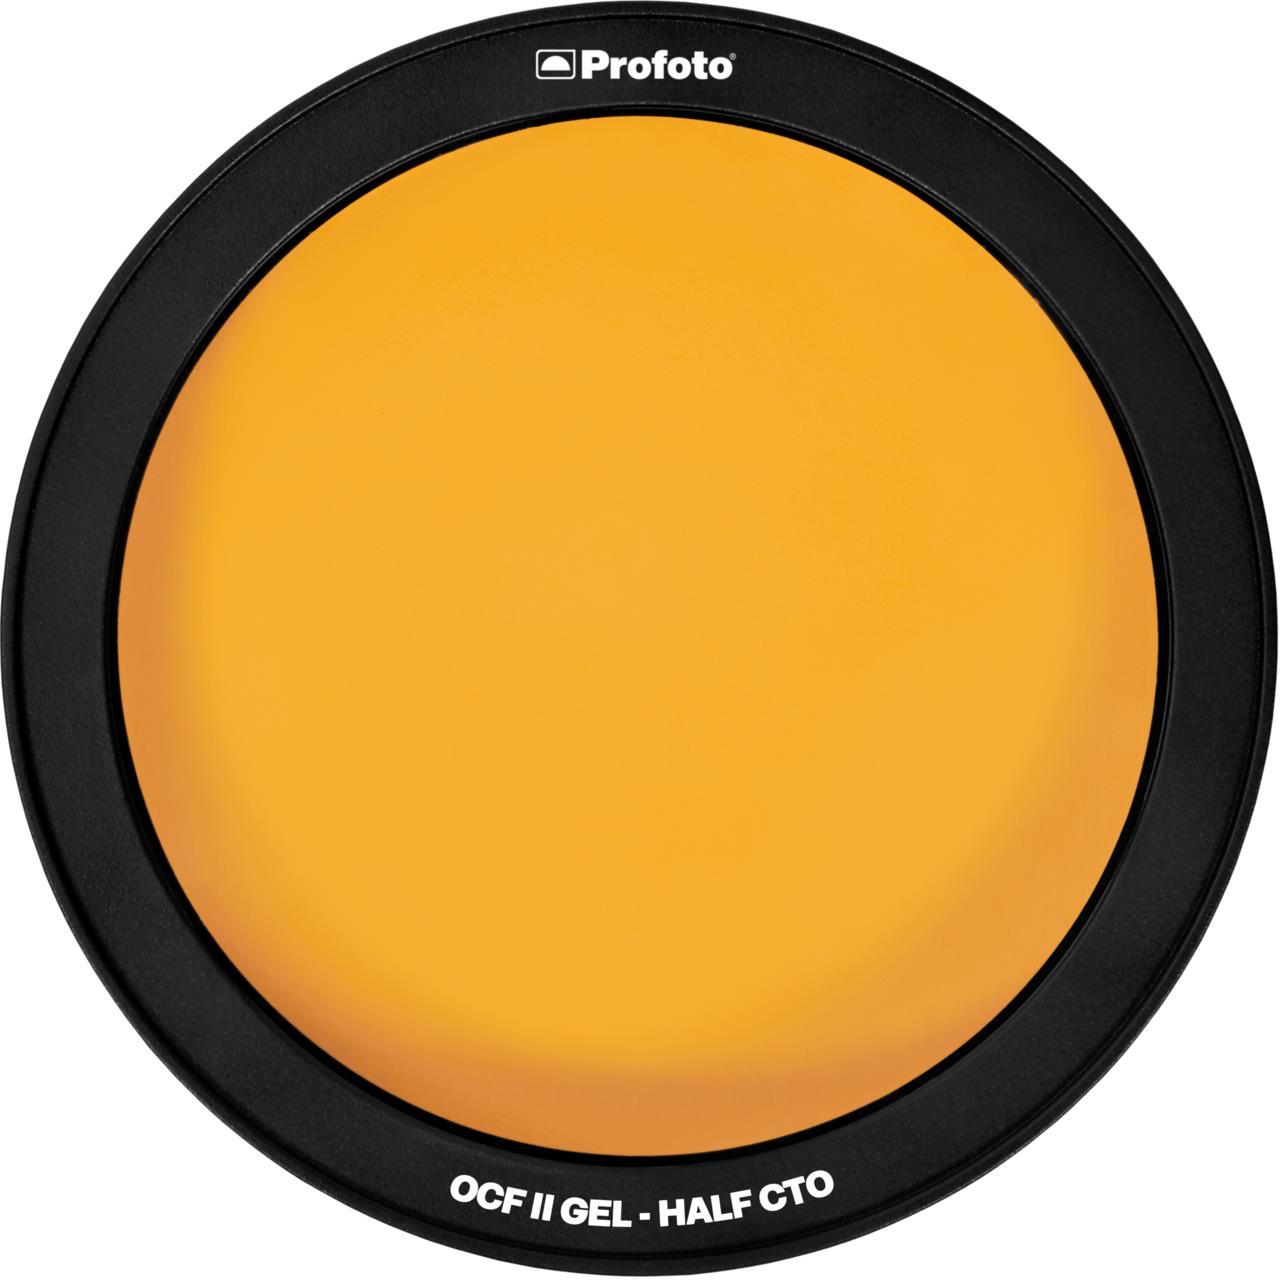 Profoto OCF II Gel - Half CTO